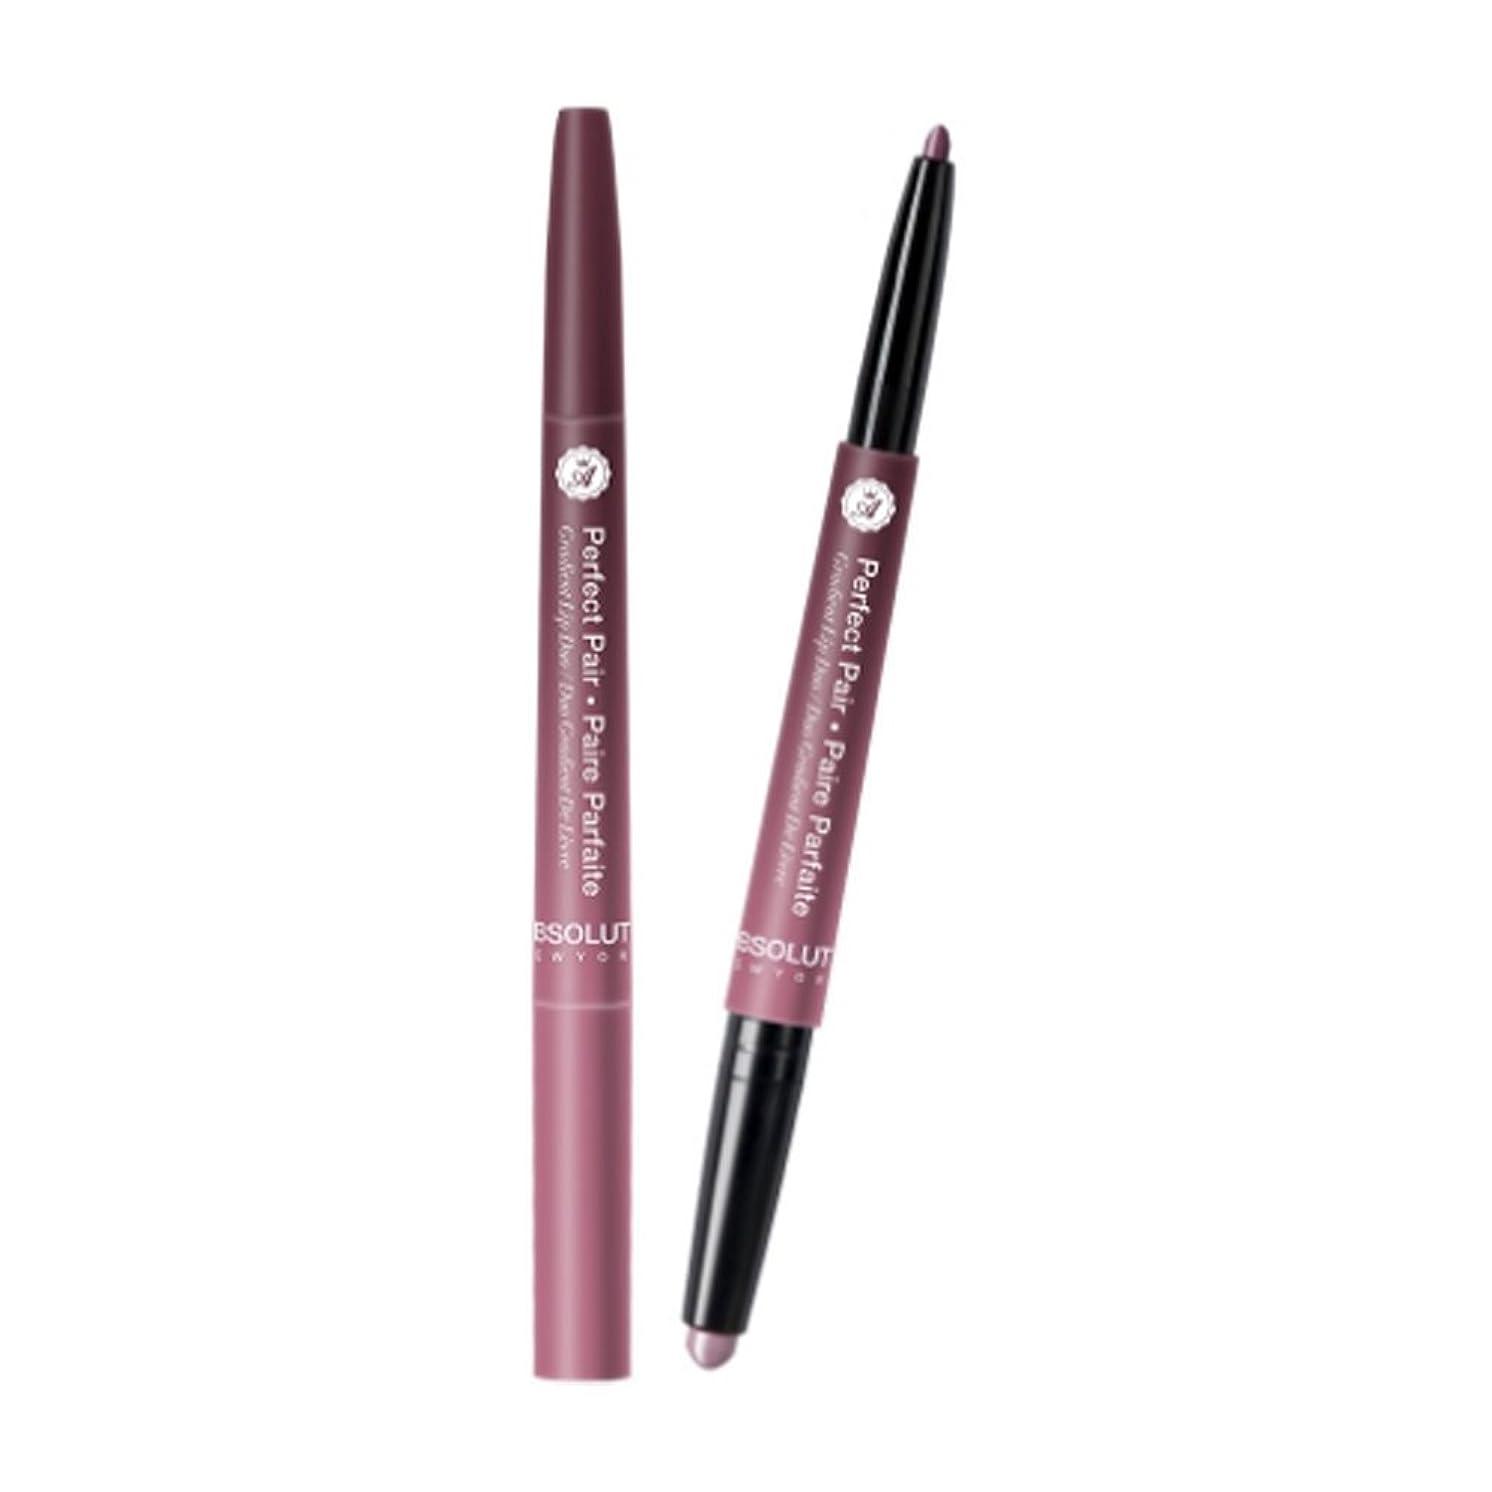 アレキサンダーグラハムベル広告不十分な(6 Pack) ABSOLUTE Perfect Pair Lip Duo - Rose Wood (並行輸入品)